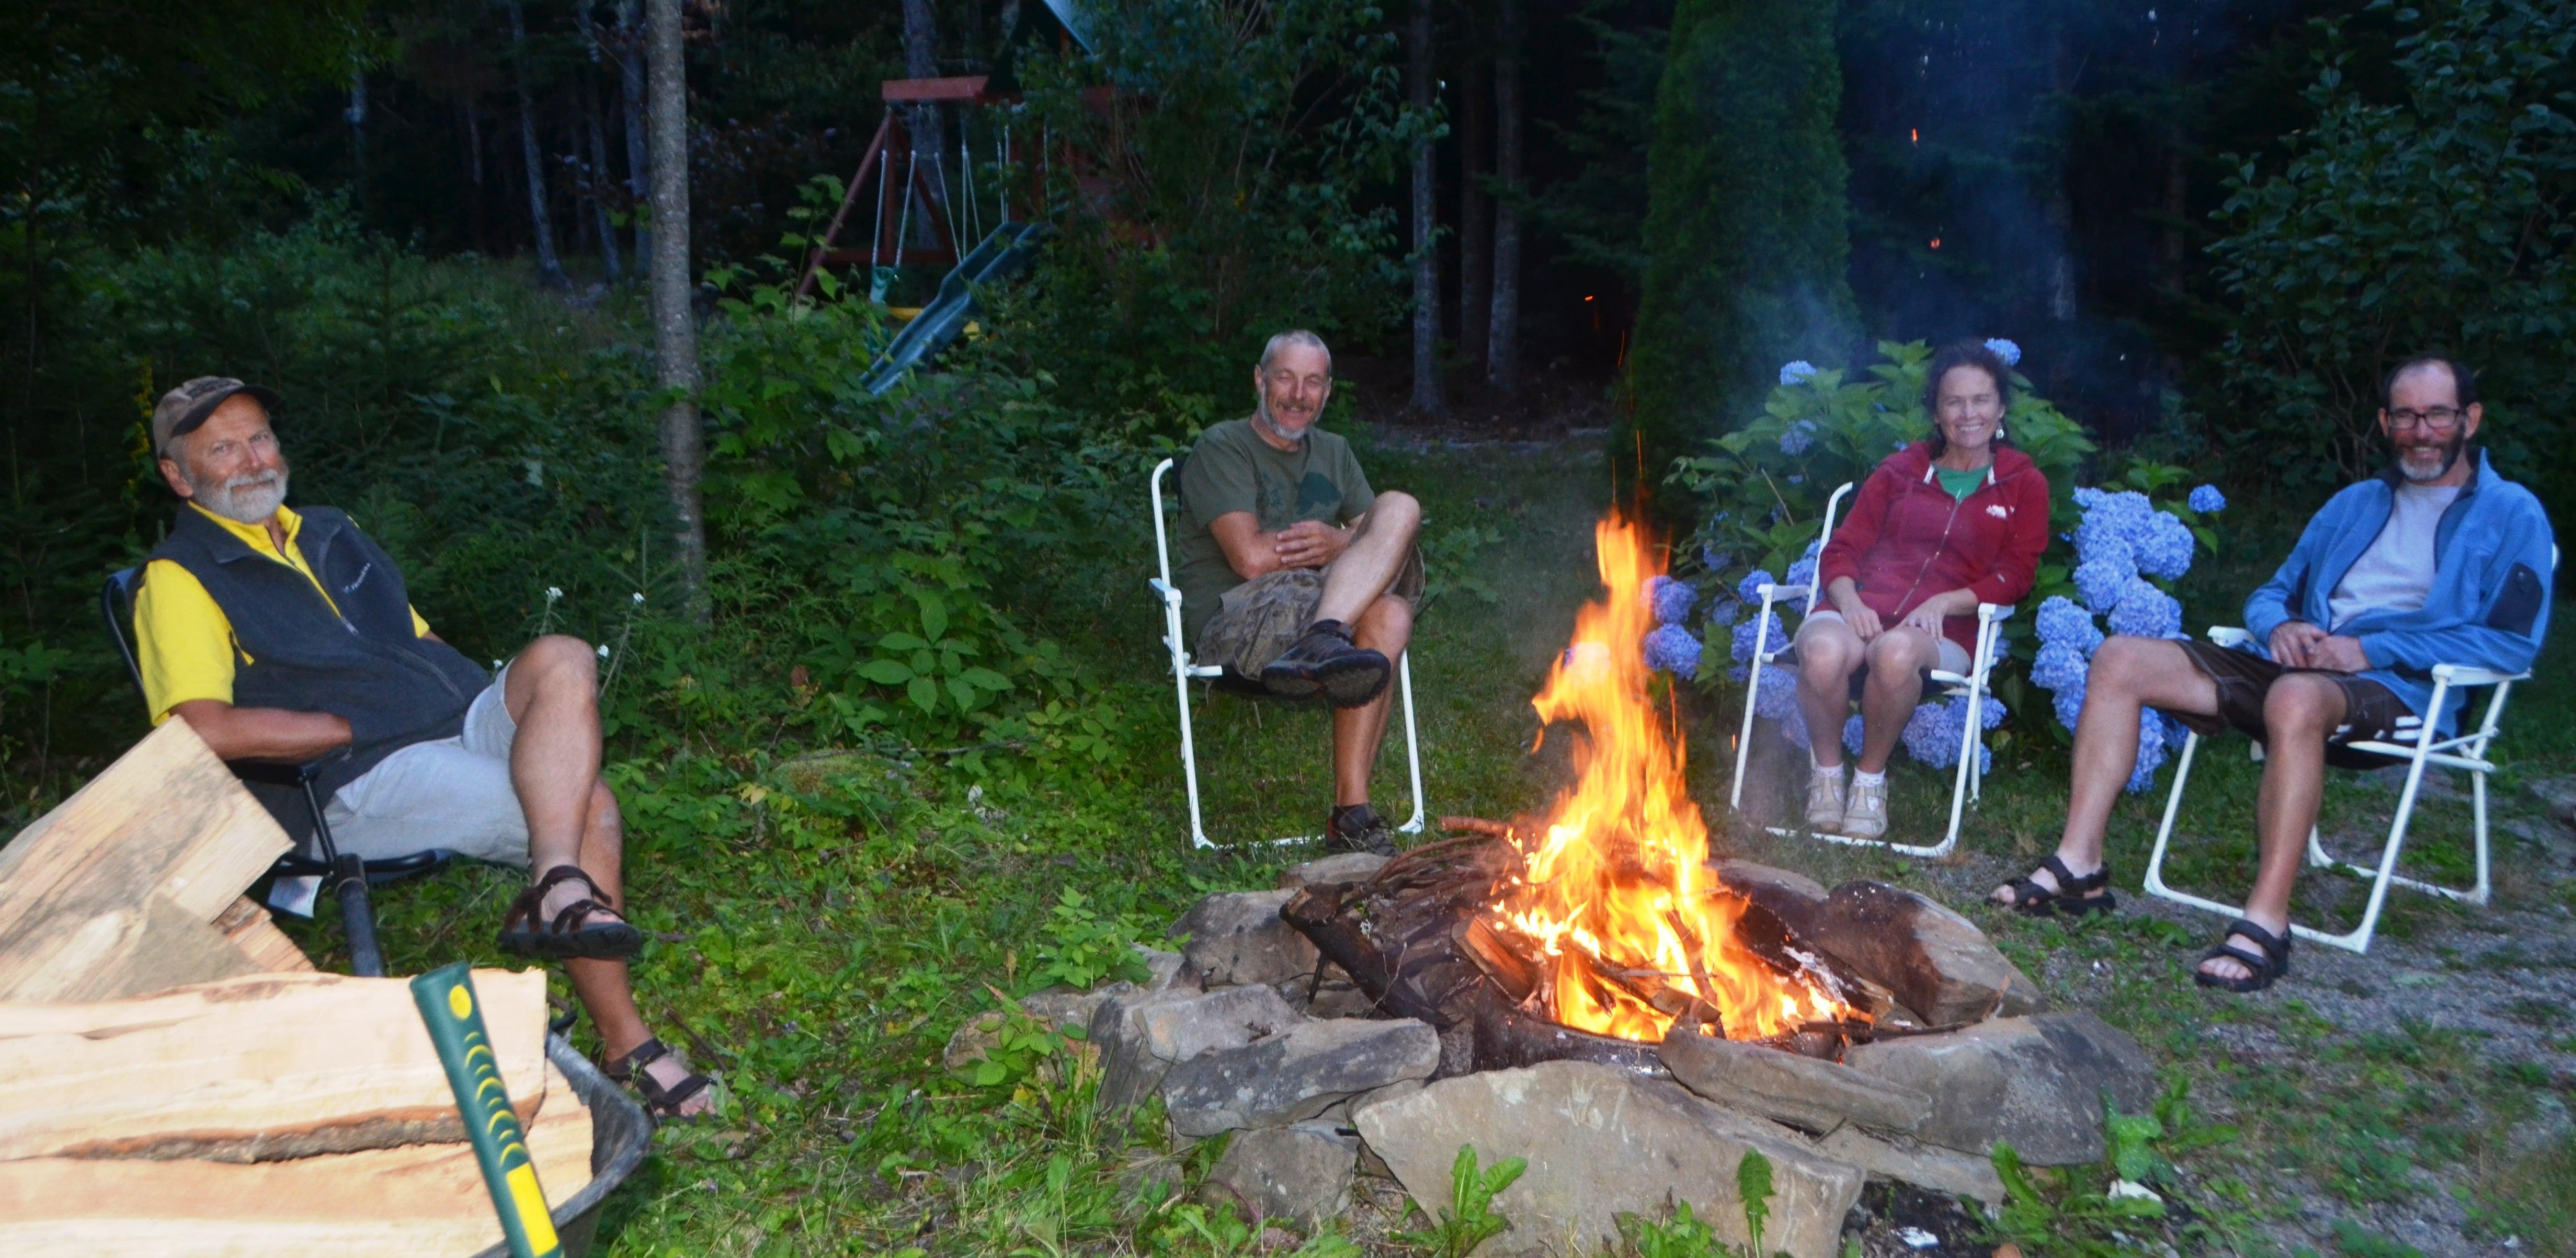 Blog Campfire 08-16.JPG